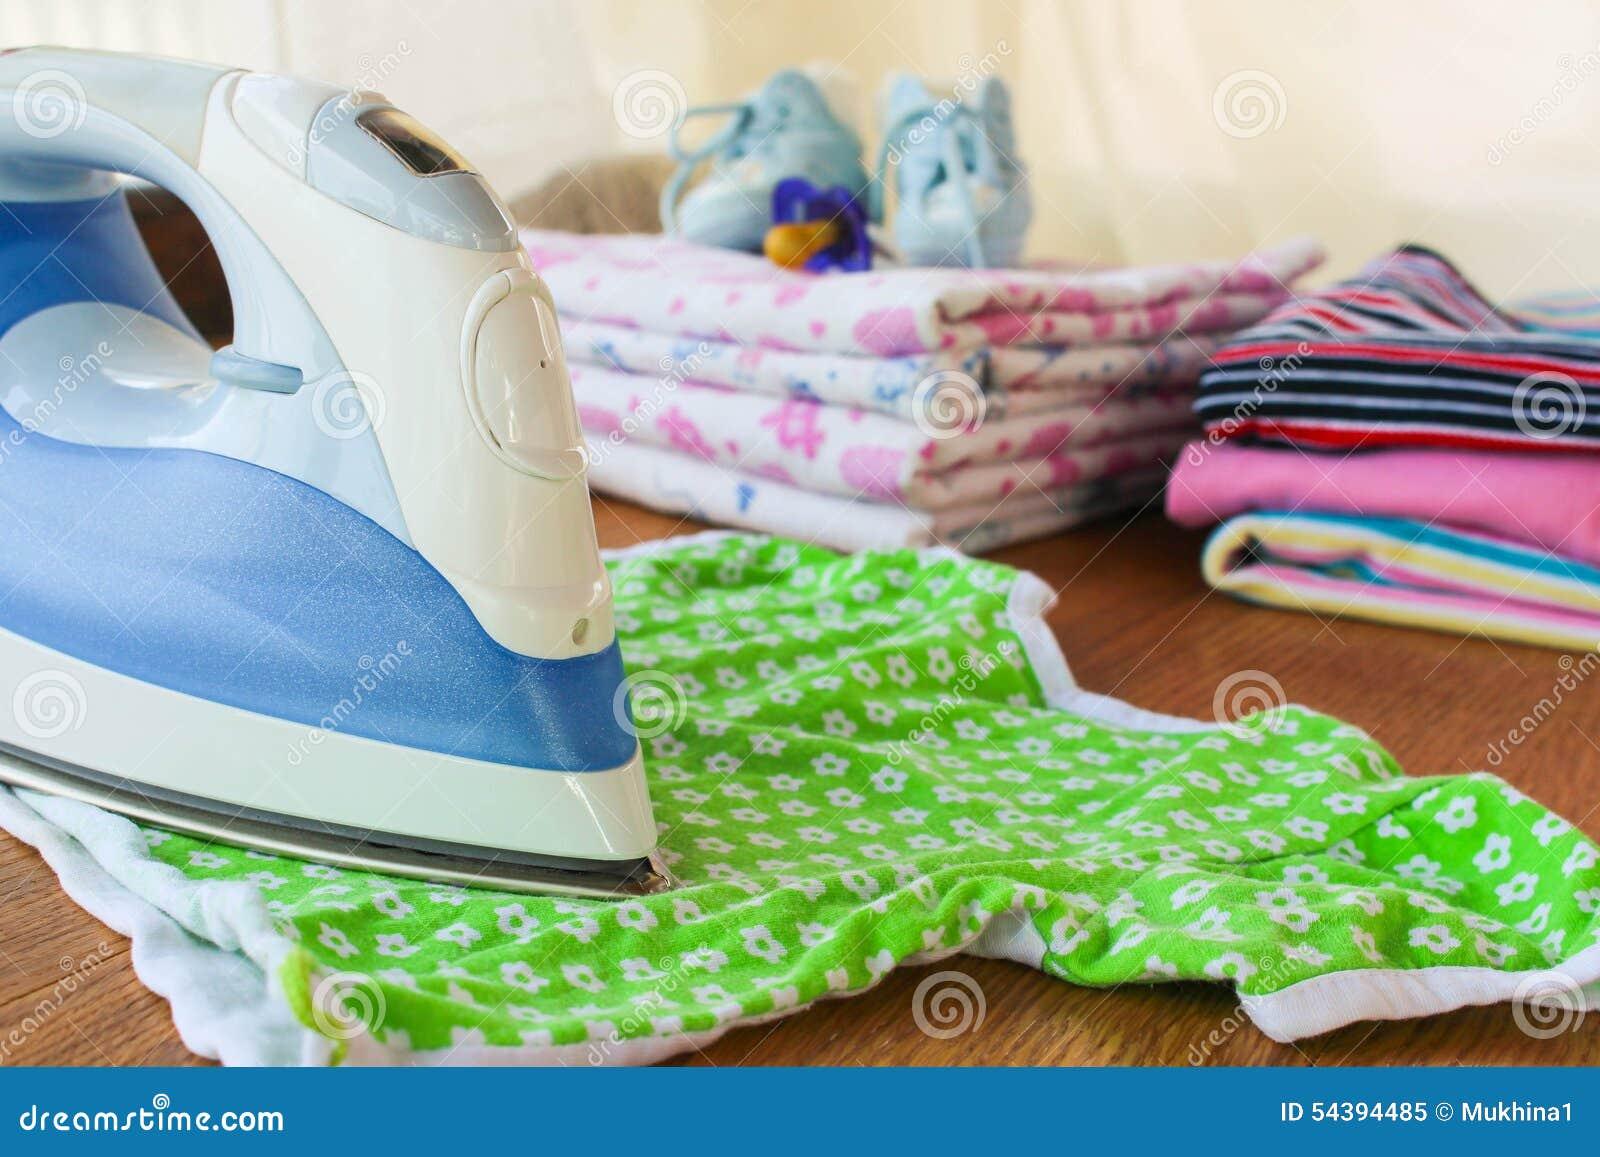 Żelazo muska children koszulkę W tle, pieluszki, dziecko odziewają, pacyfikator, mali buty i butelka mleko,